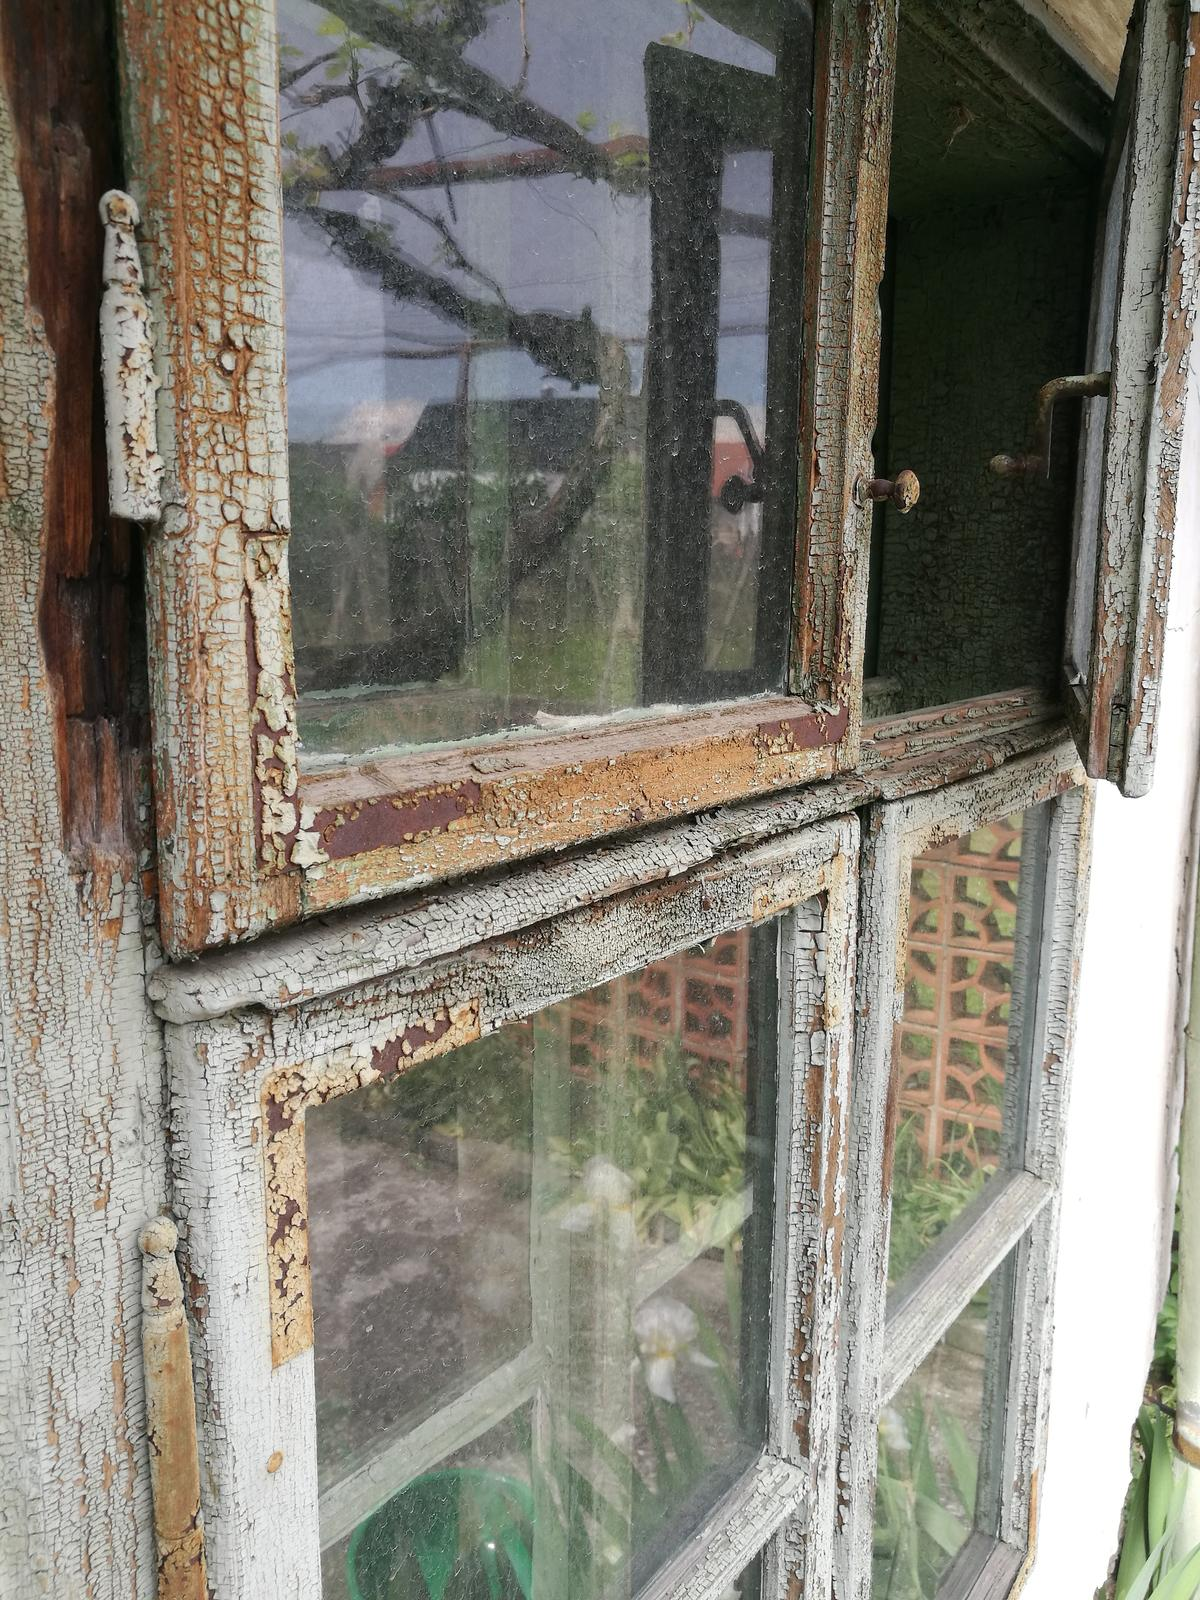 Náš budúci domov - rekonštrukcia rodinného domu - Obrázok č. 31